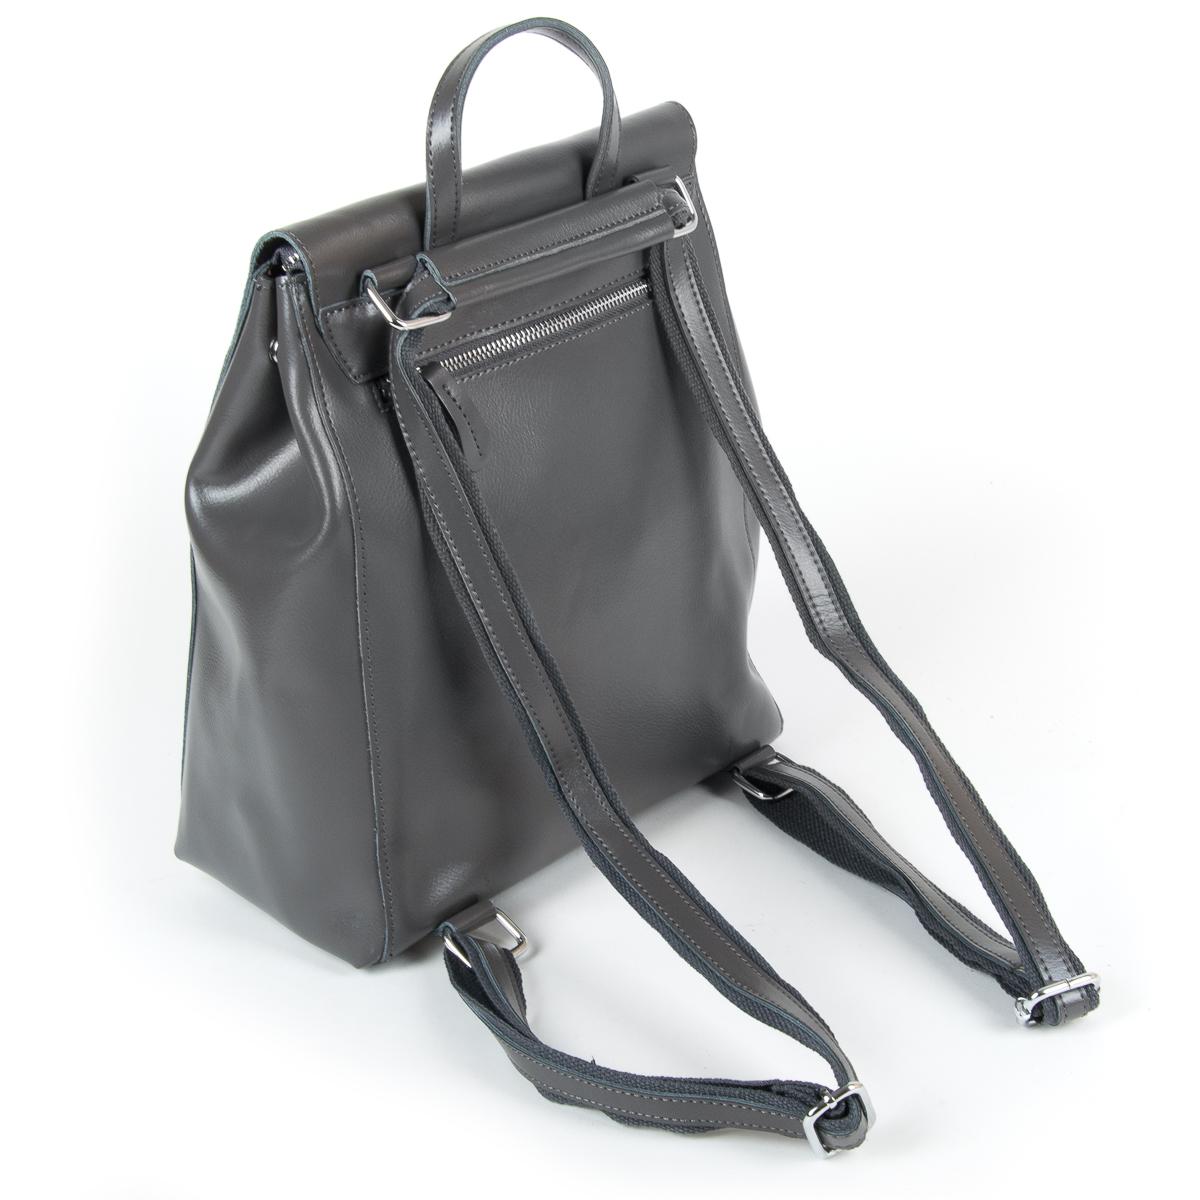 Сумка Женская Рюкзак кожа ALEX RAI 9-01 360 grey - фото 4